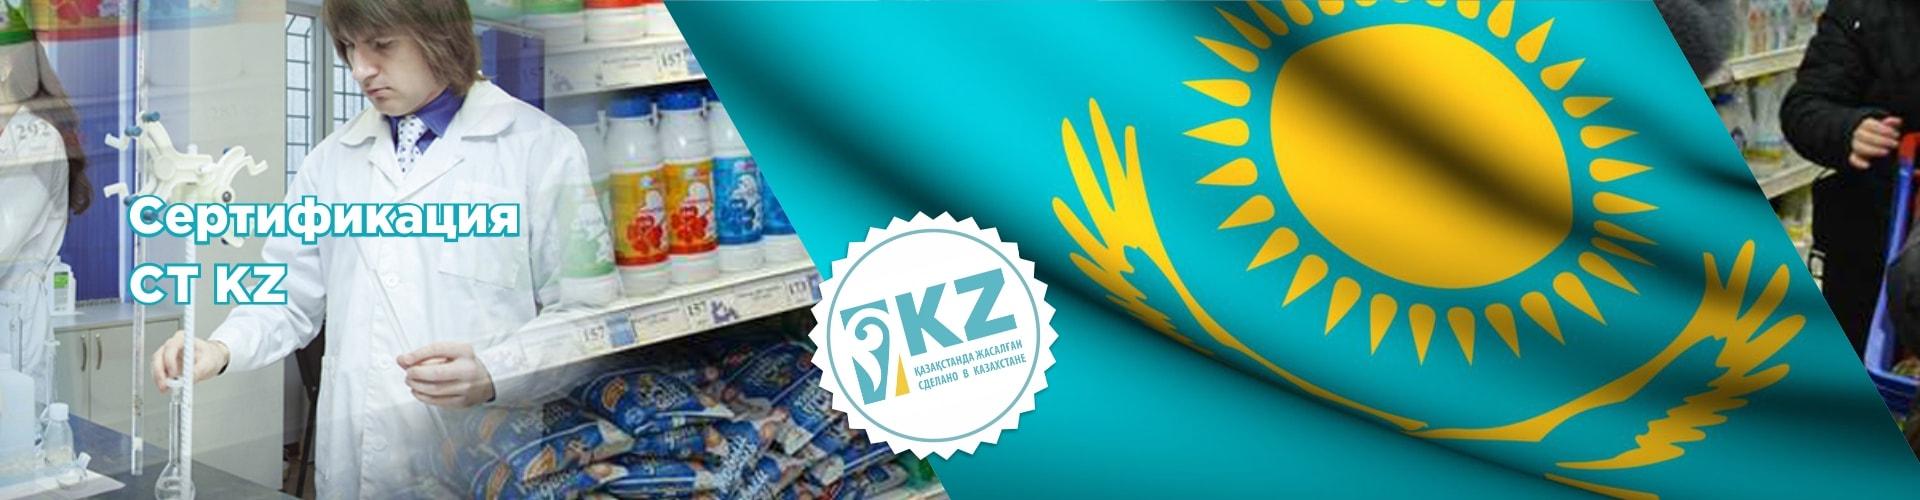 Сертификация СТ KZ Алматы